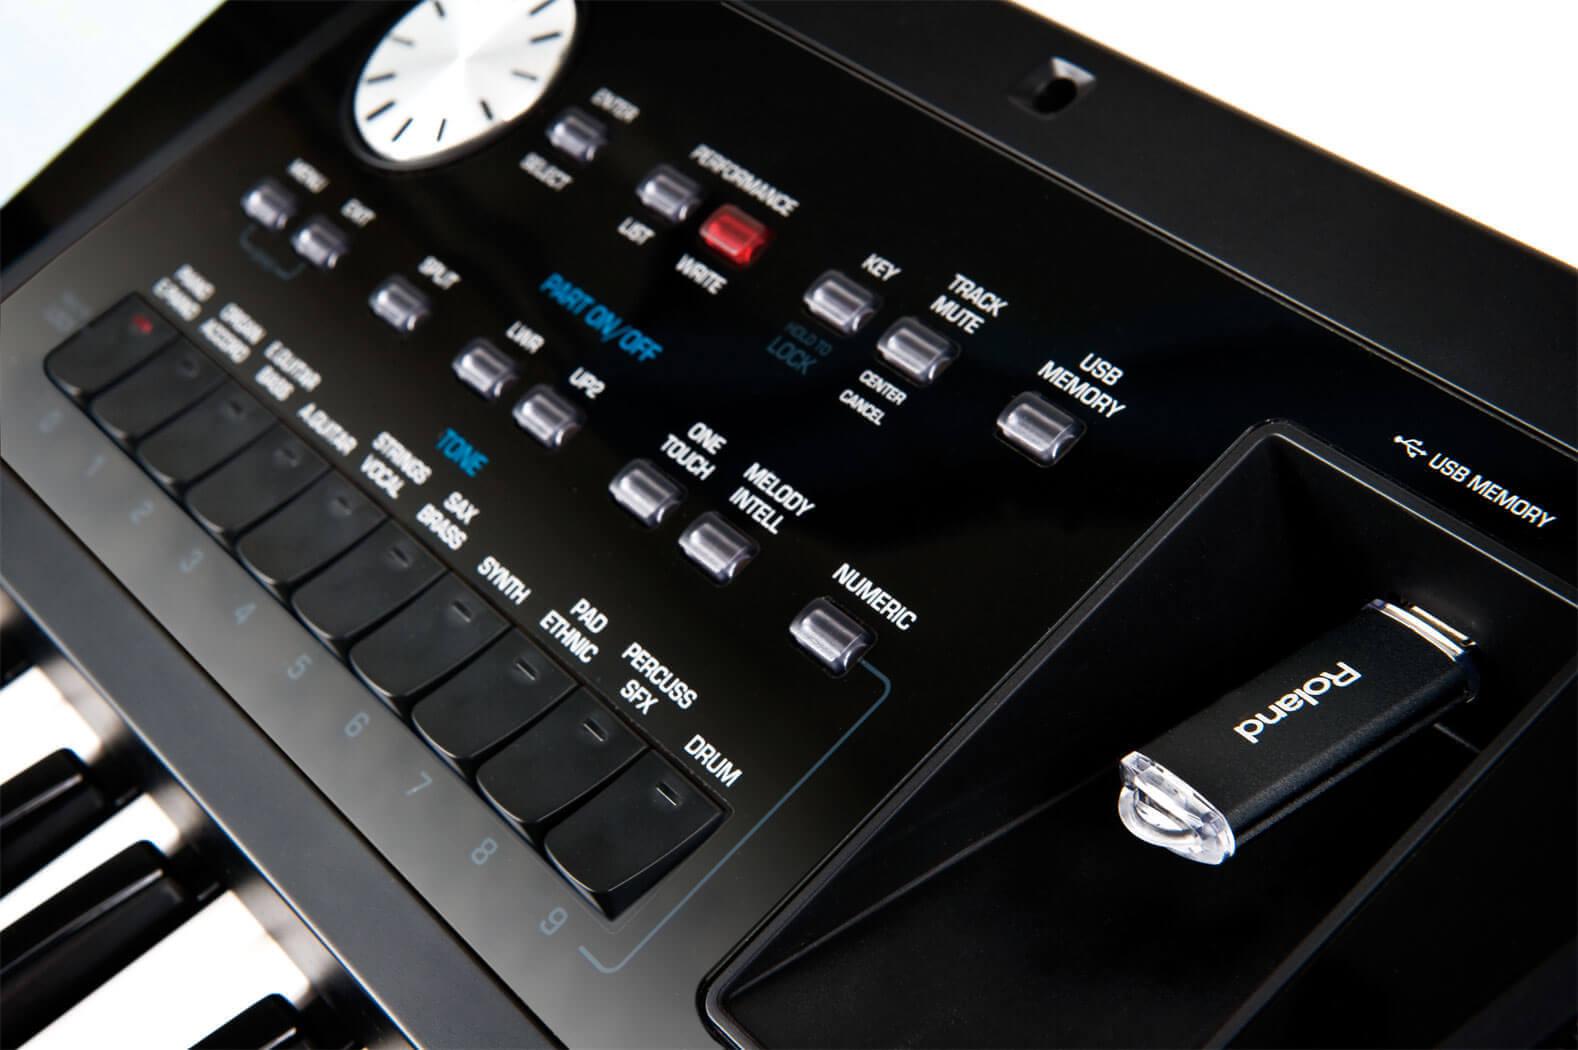 罗兰 Roland BK-5 合成器 编曲键盘 智能自动伴奏电子琴